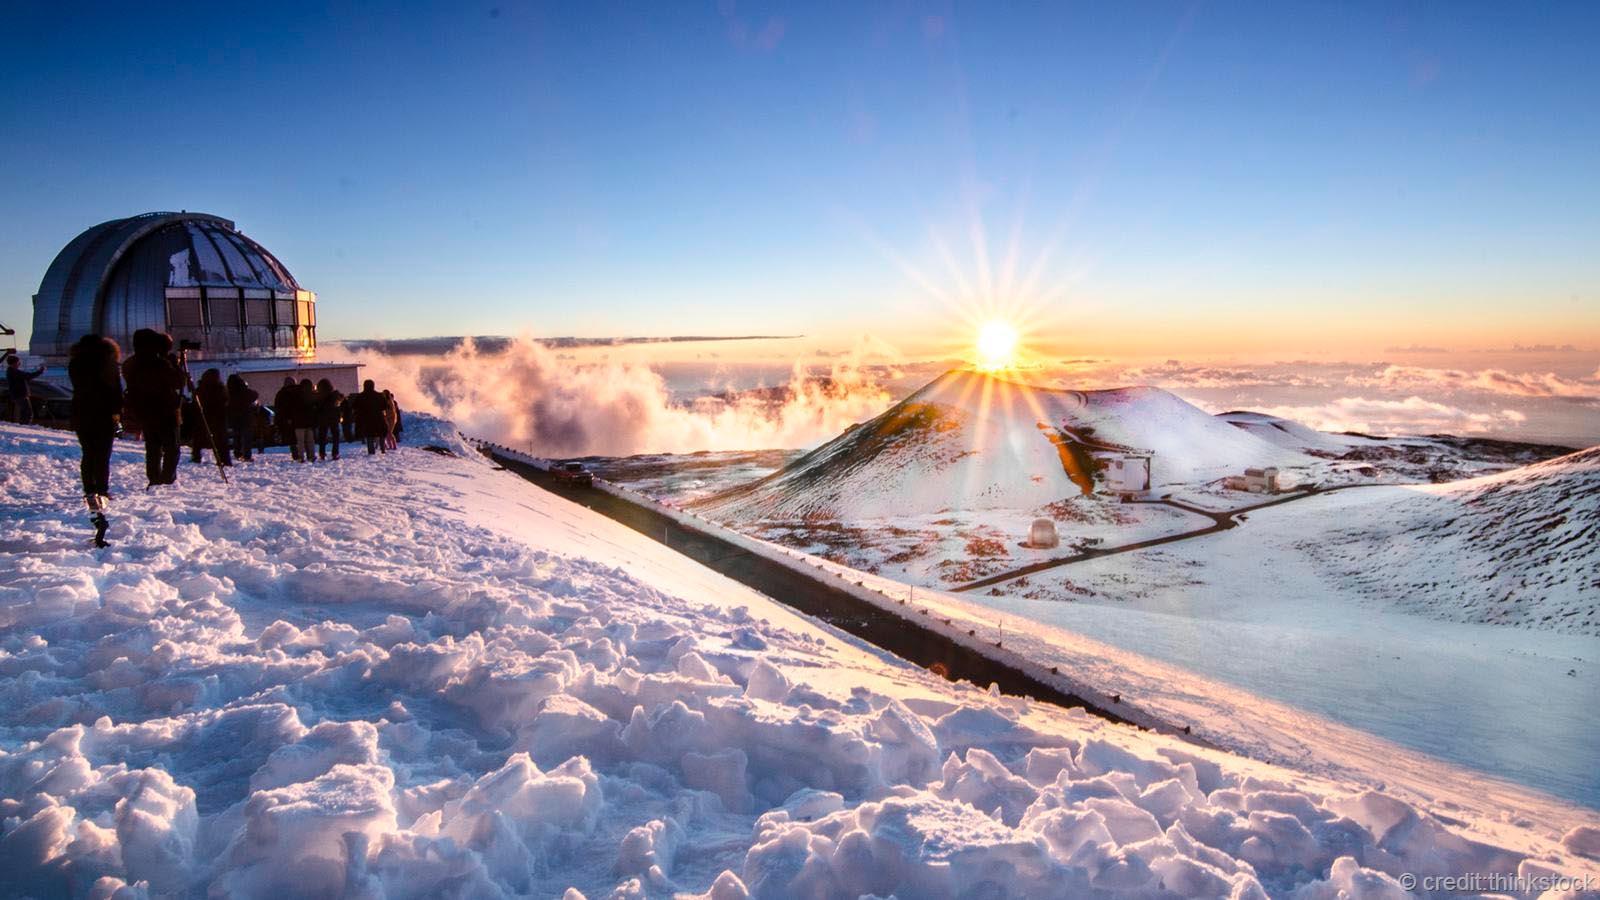 Choáng ngợp trước những núi lửa đẹp tuyệt mỹ - 5